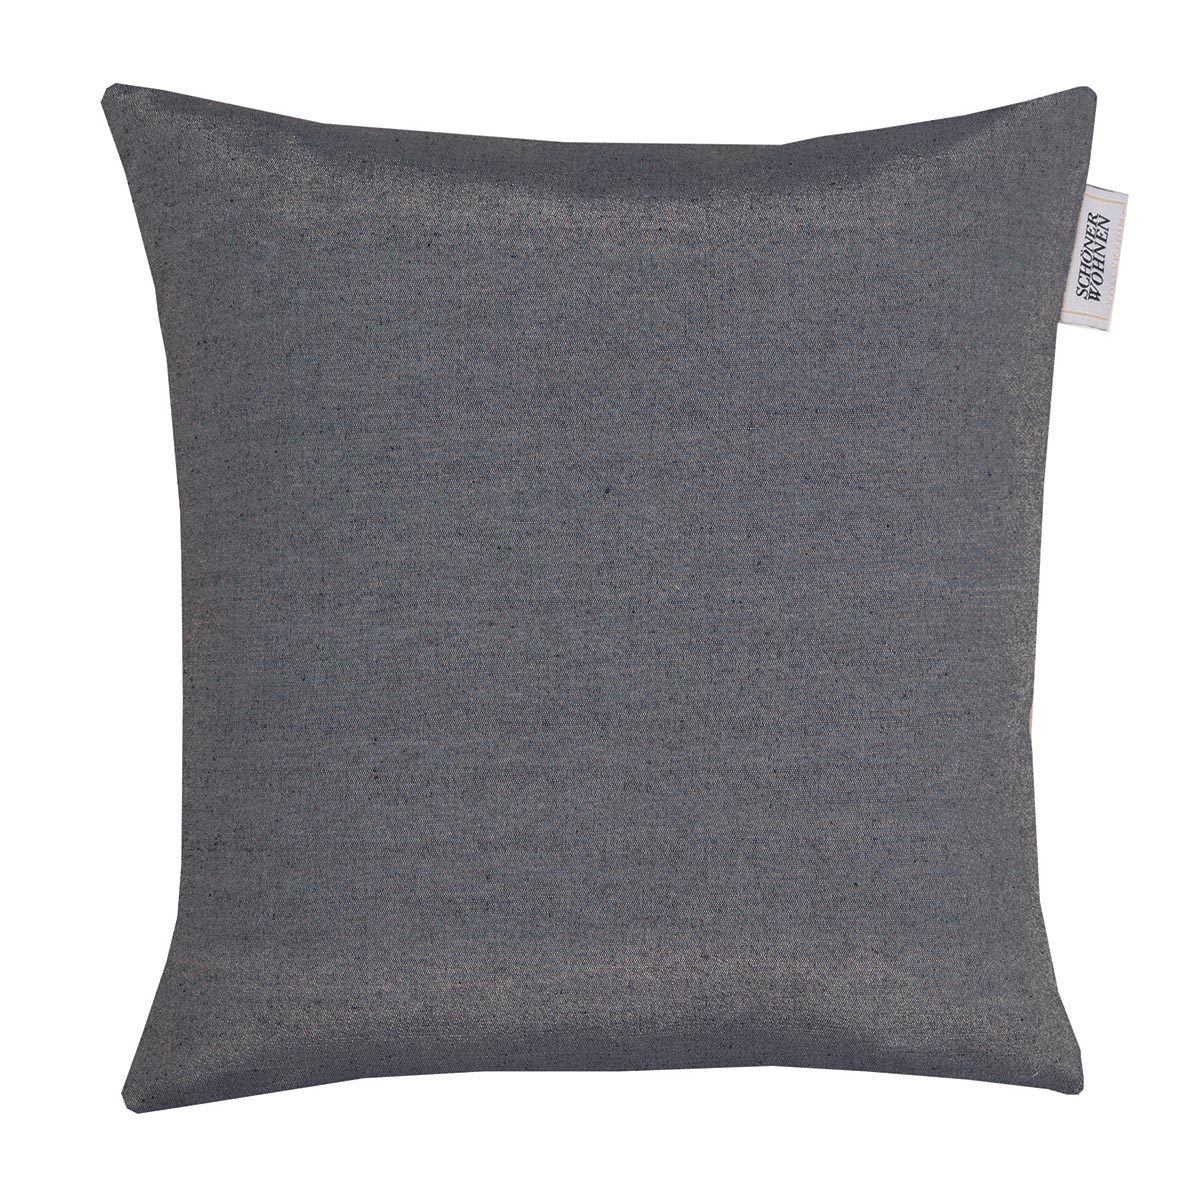 sch ner wohnen uni kissenh lle mono g nstig online kaufen bei bettwaren shop. Black Bedroom Furniture Sets. Home Design Ideas